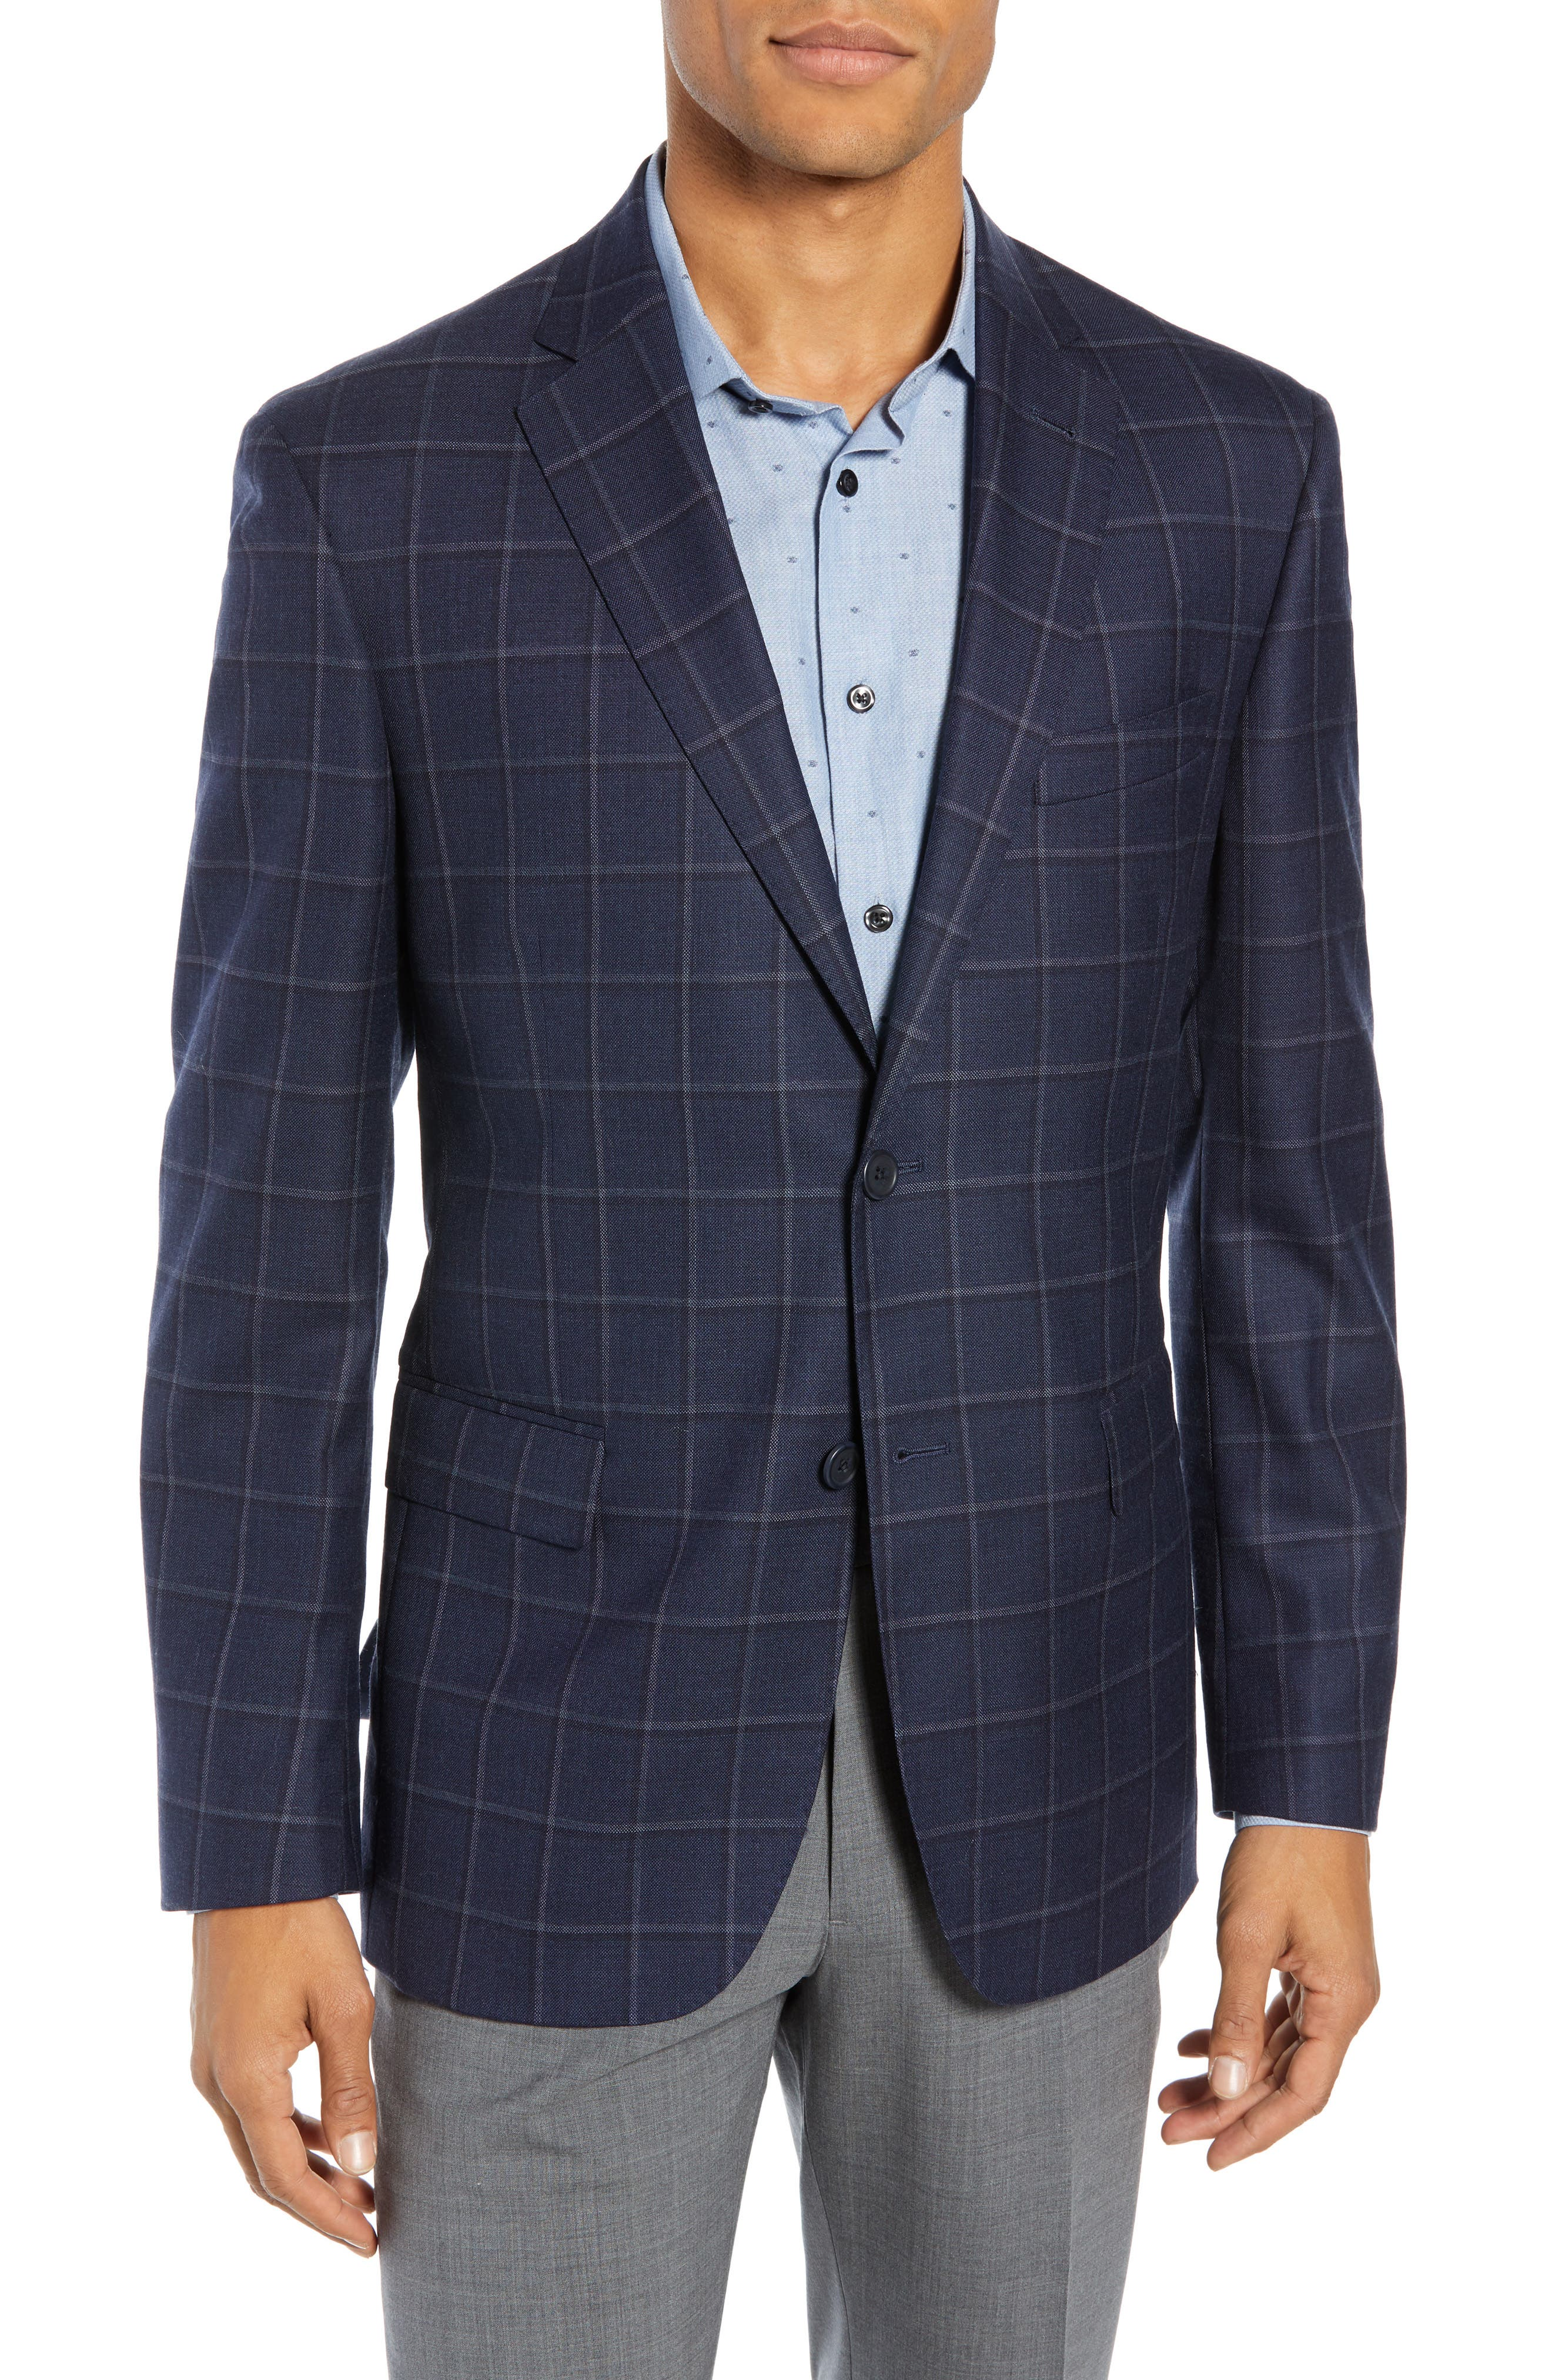 Men's John W. Nordstrom Traditional Fit Windowpane Wool Sport Coat, Size 38 S - Blue